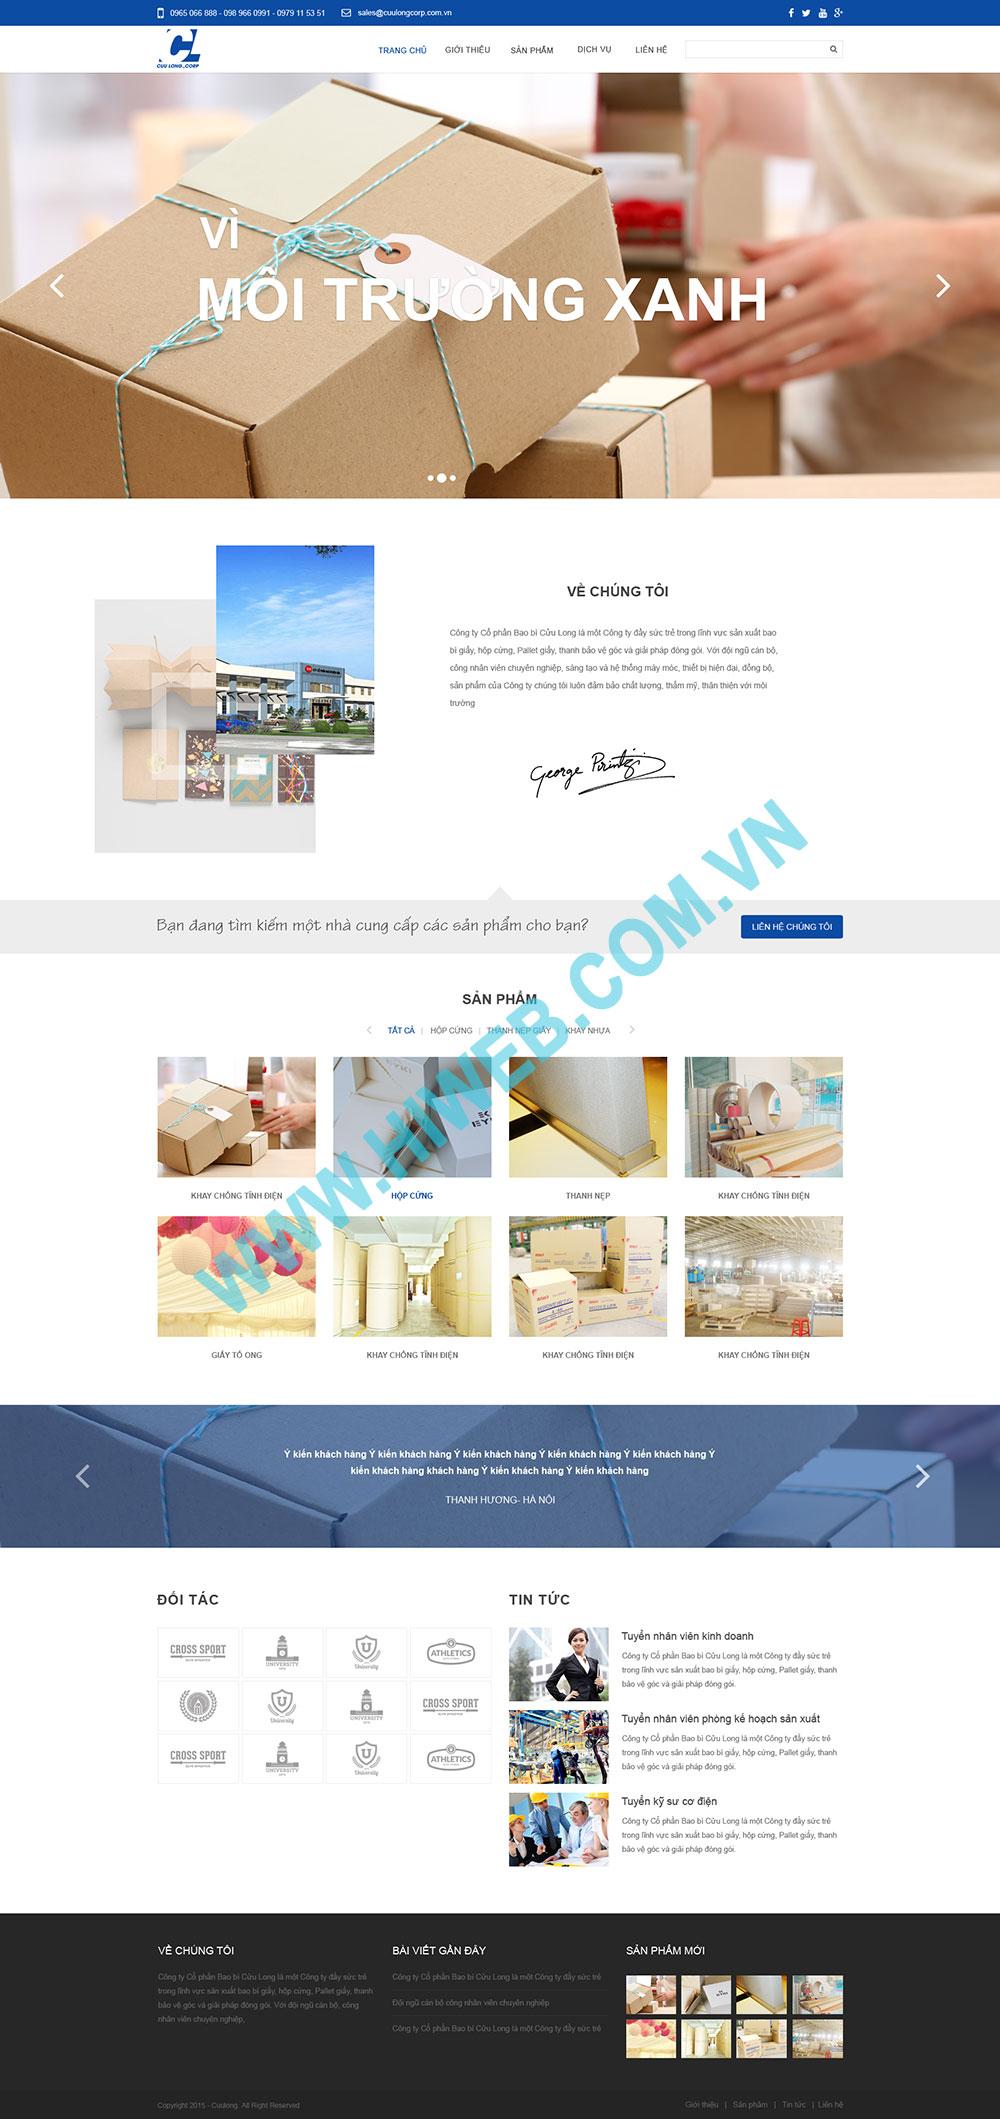 Mẫu thiết kế web giới thiệu hộp giấy Cửu Long